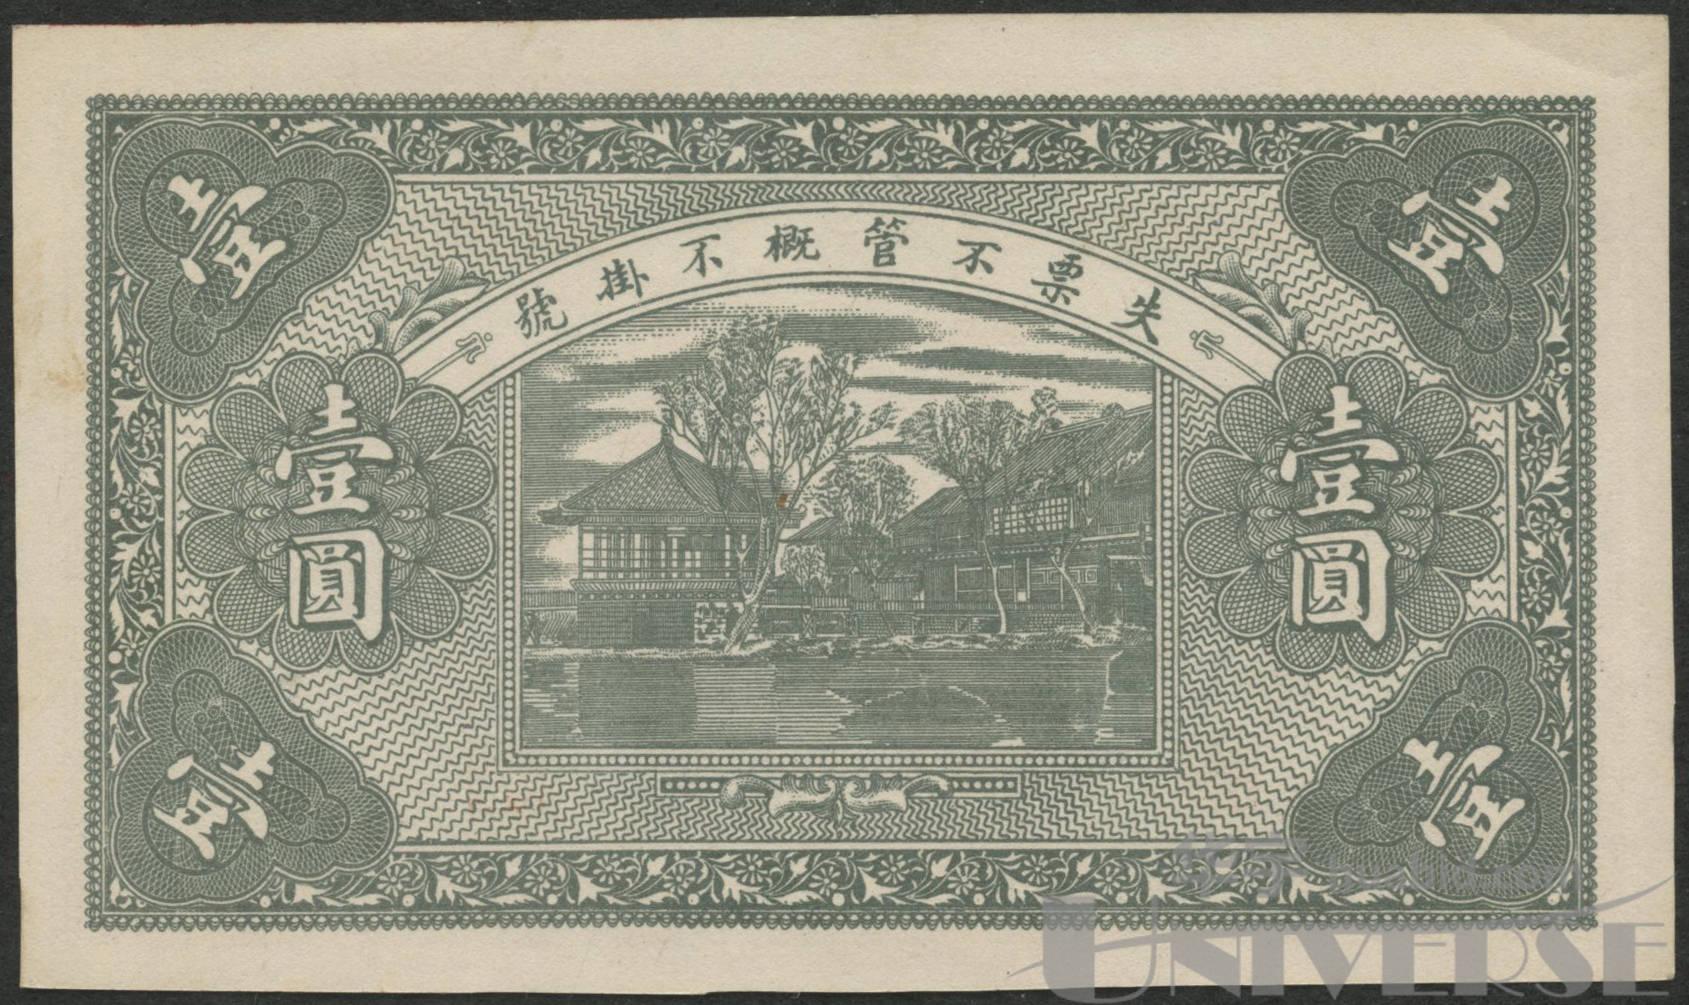 1937年(民国26年)河间束城镇德元号国币壹圆一枚